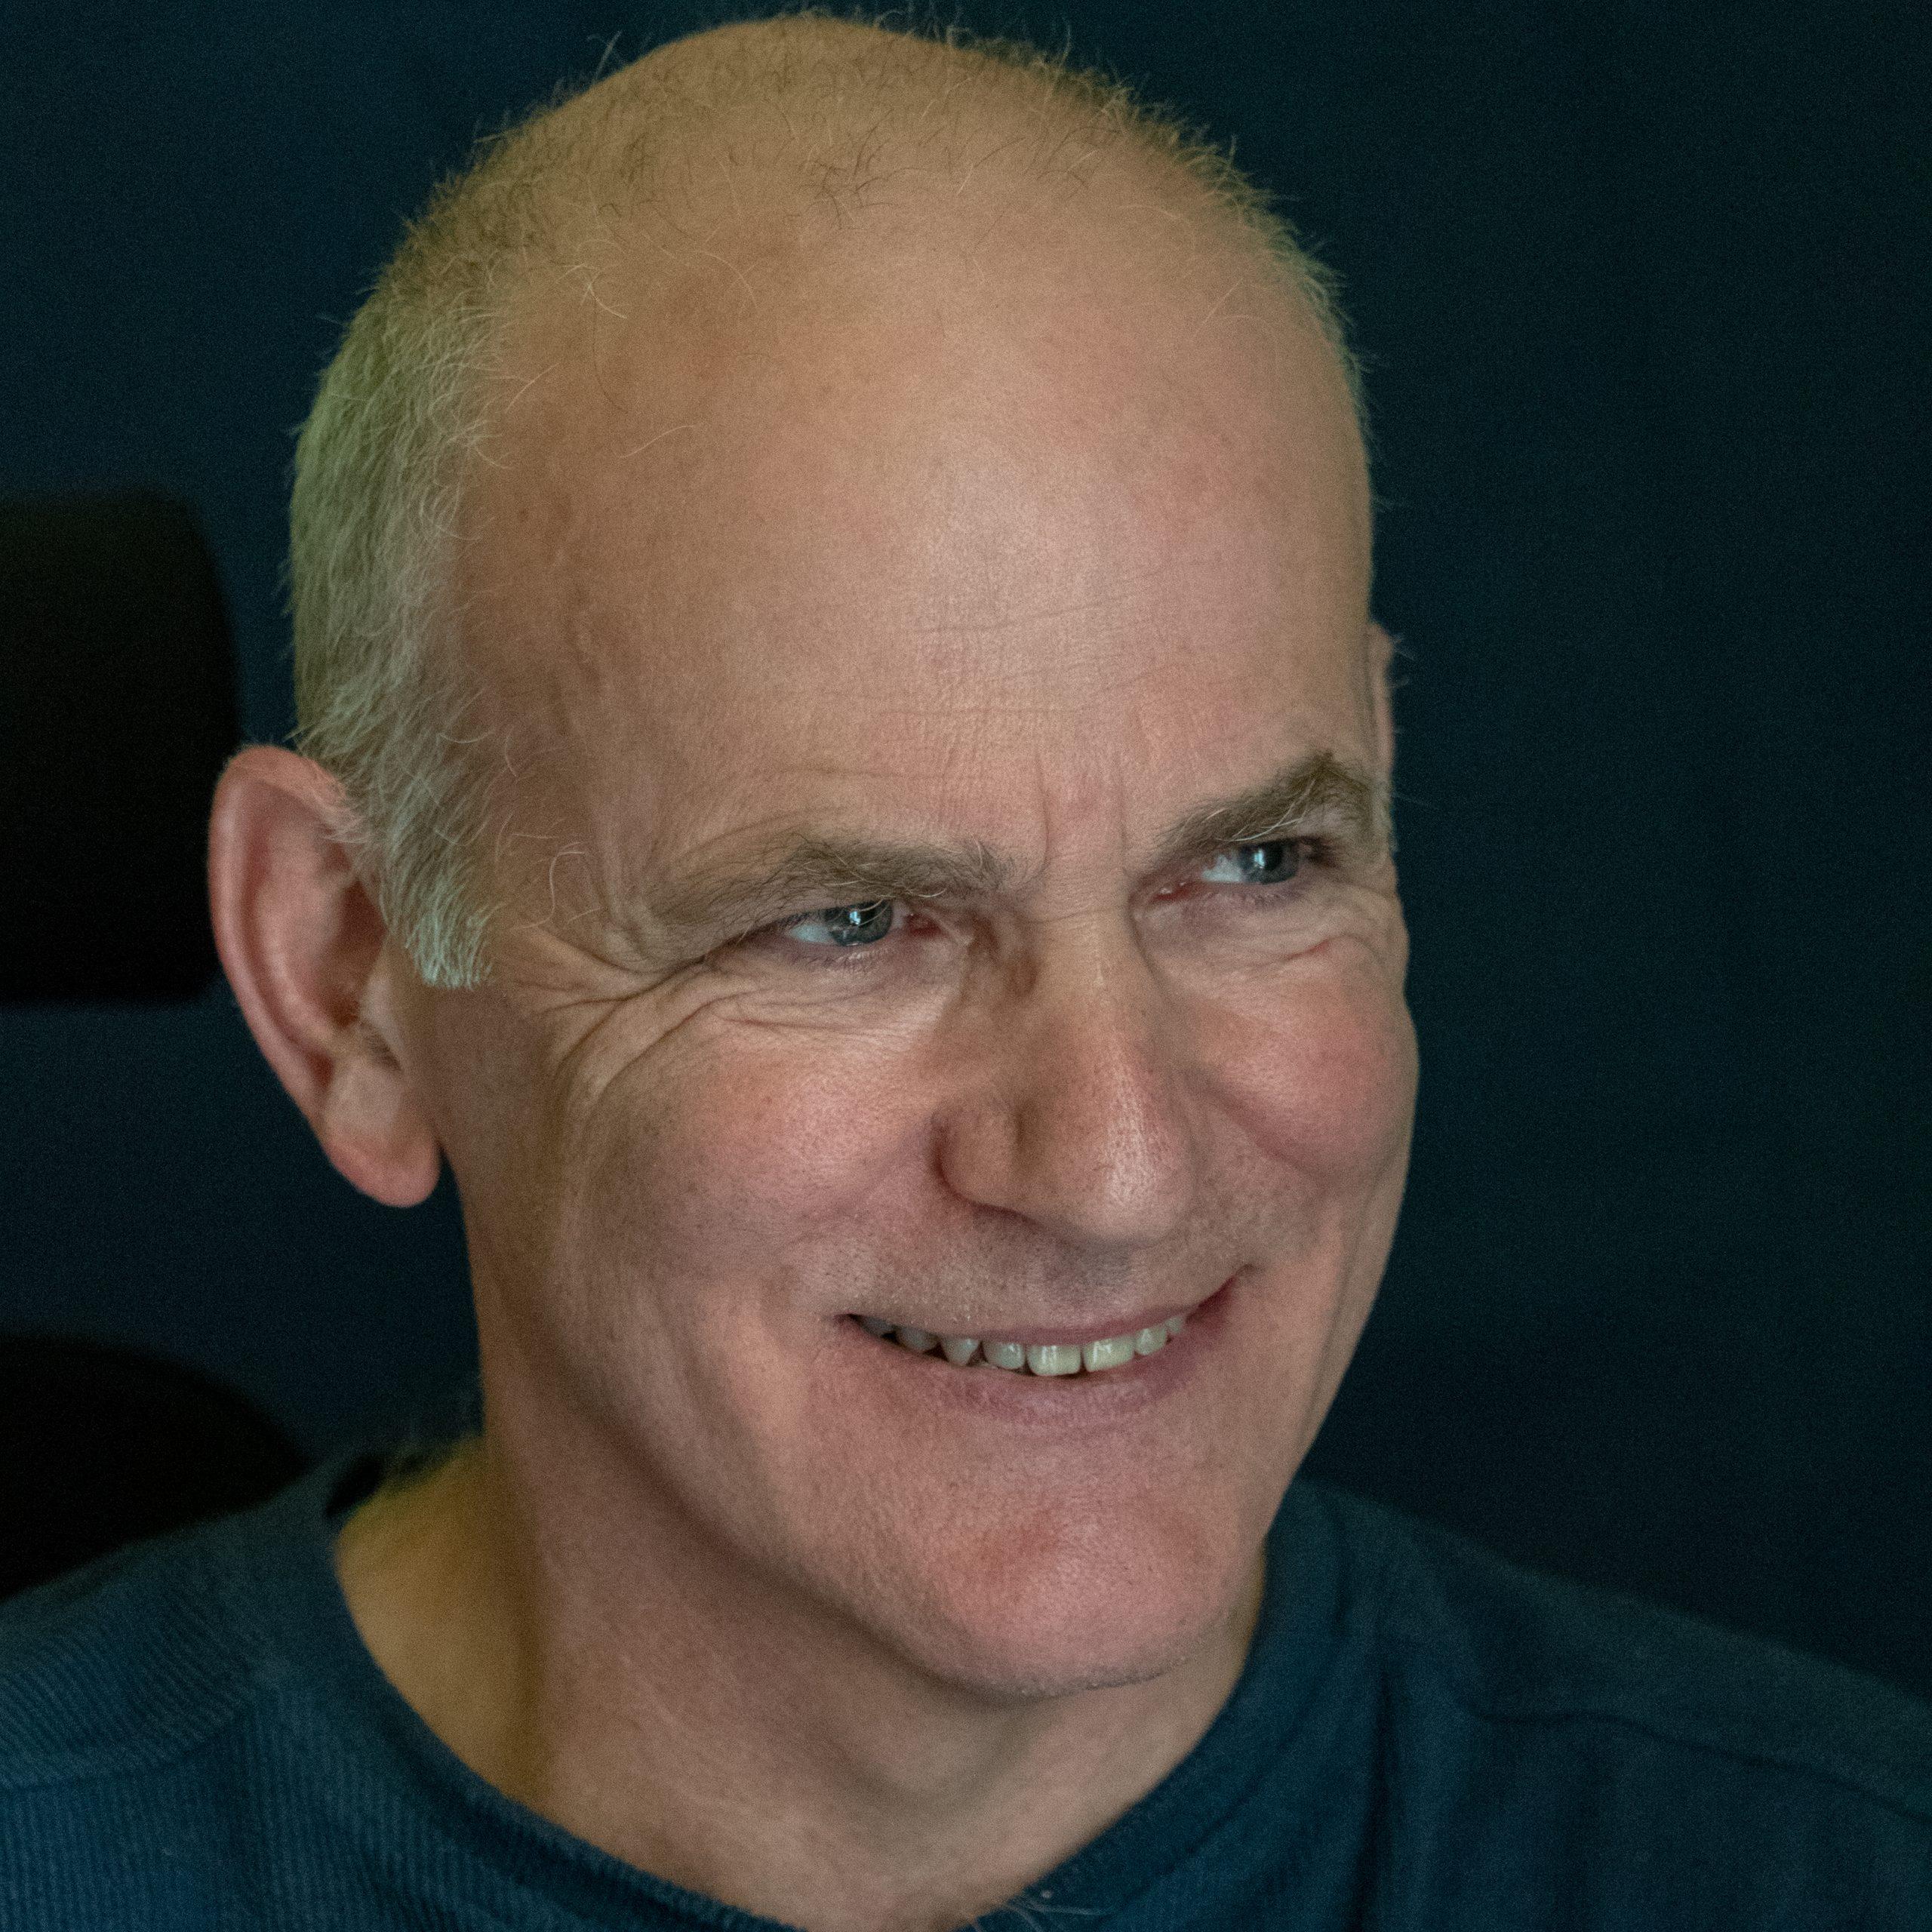 Geoff Barton August 2020